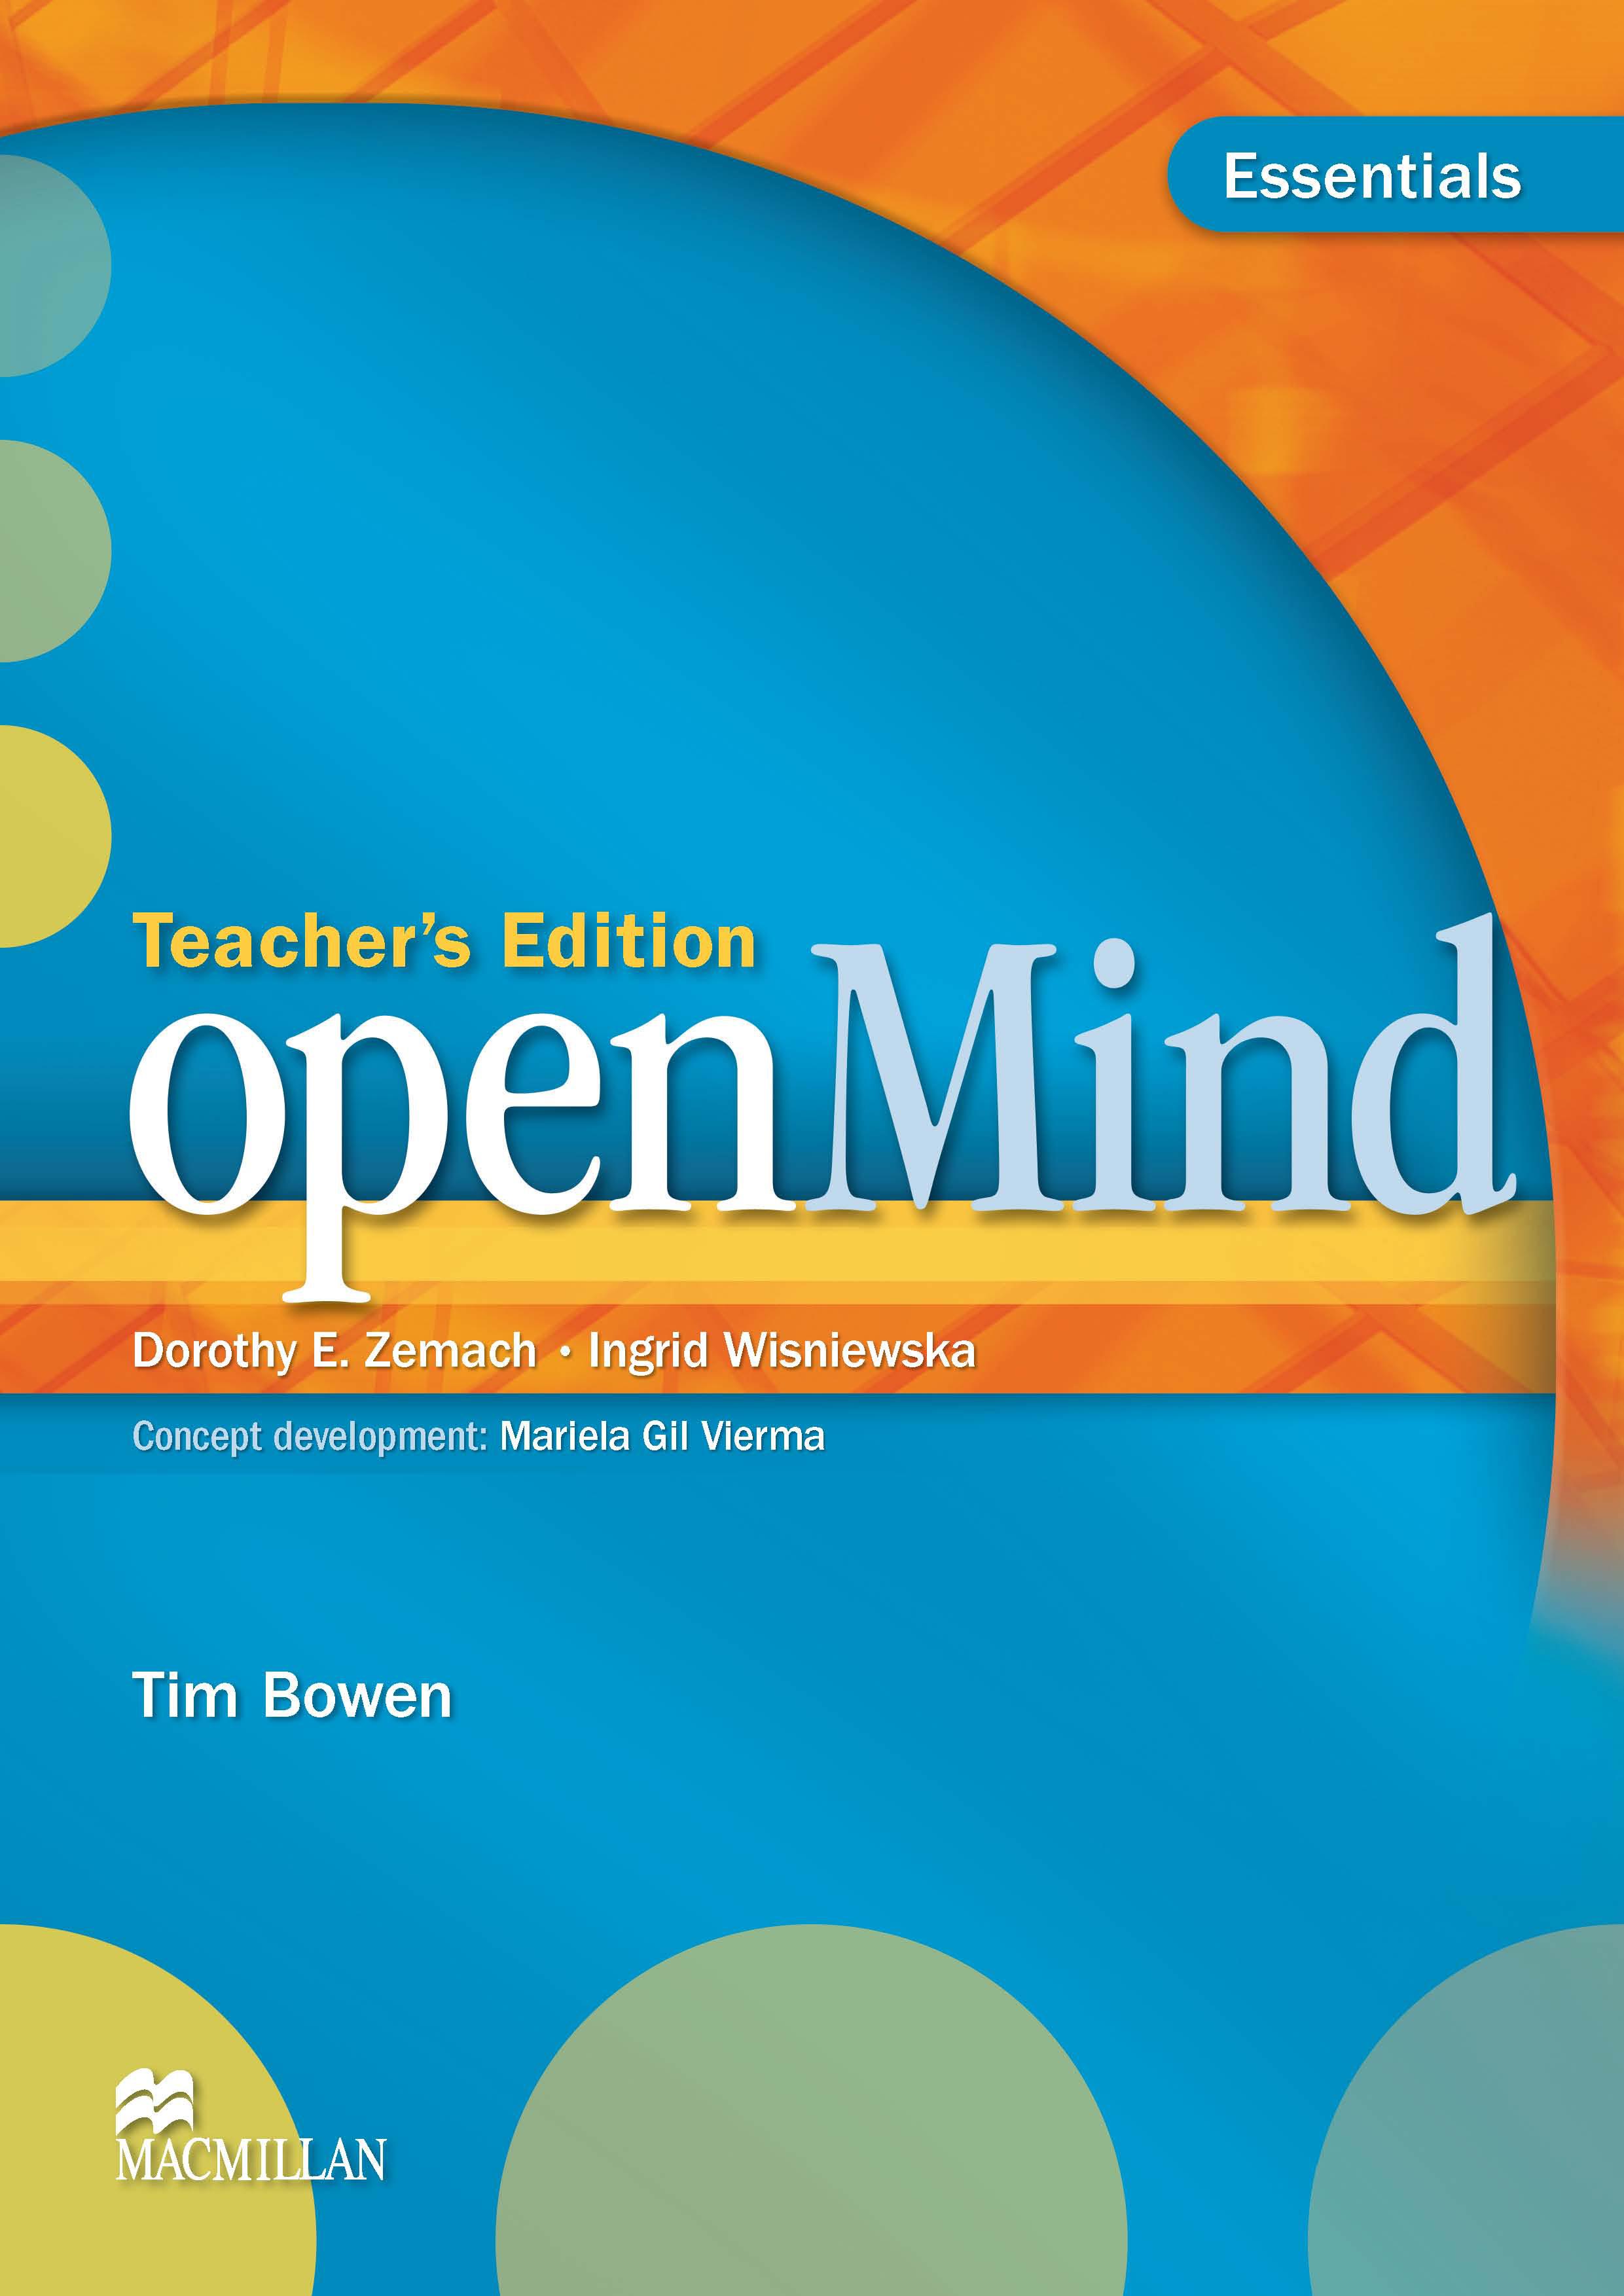 openMind Essentials Teacher